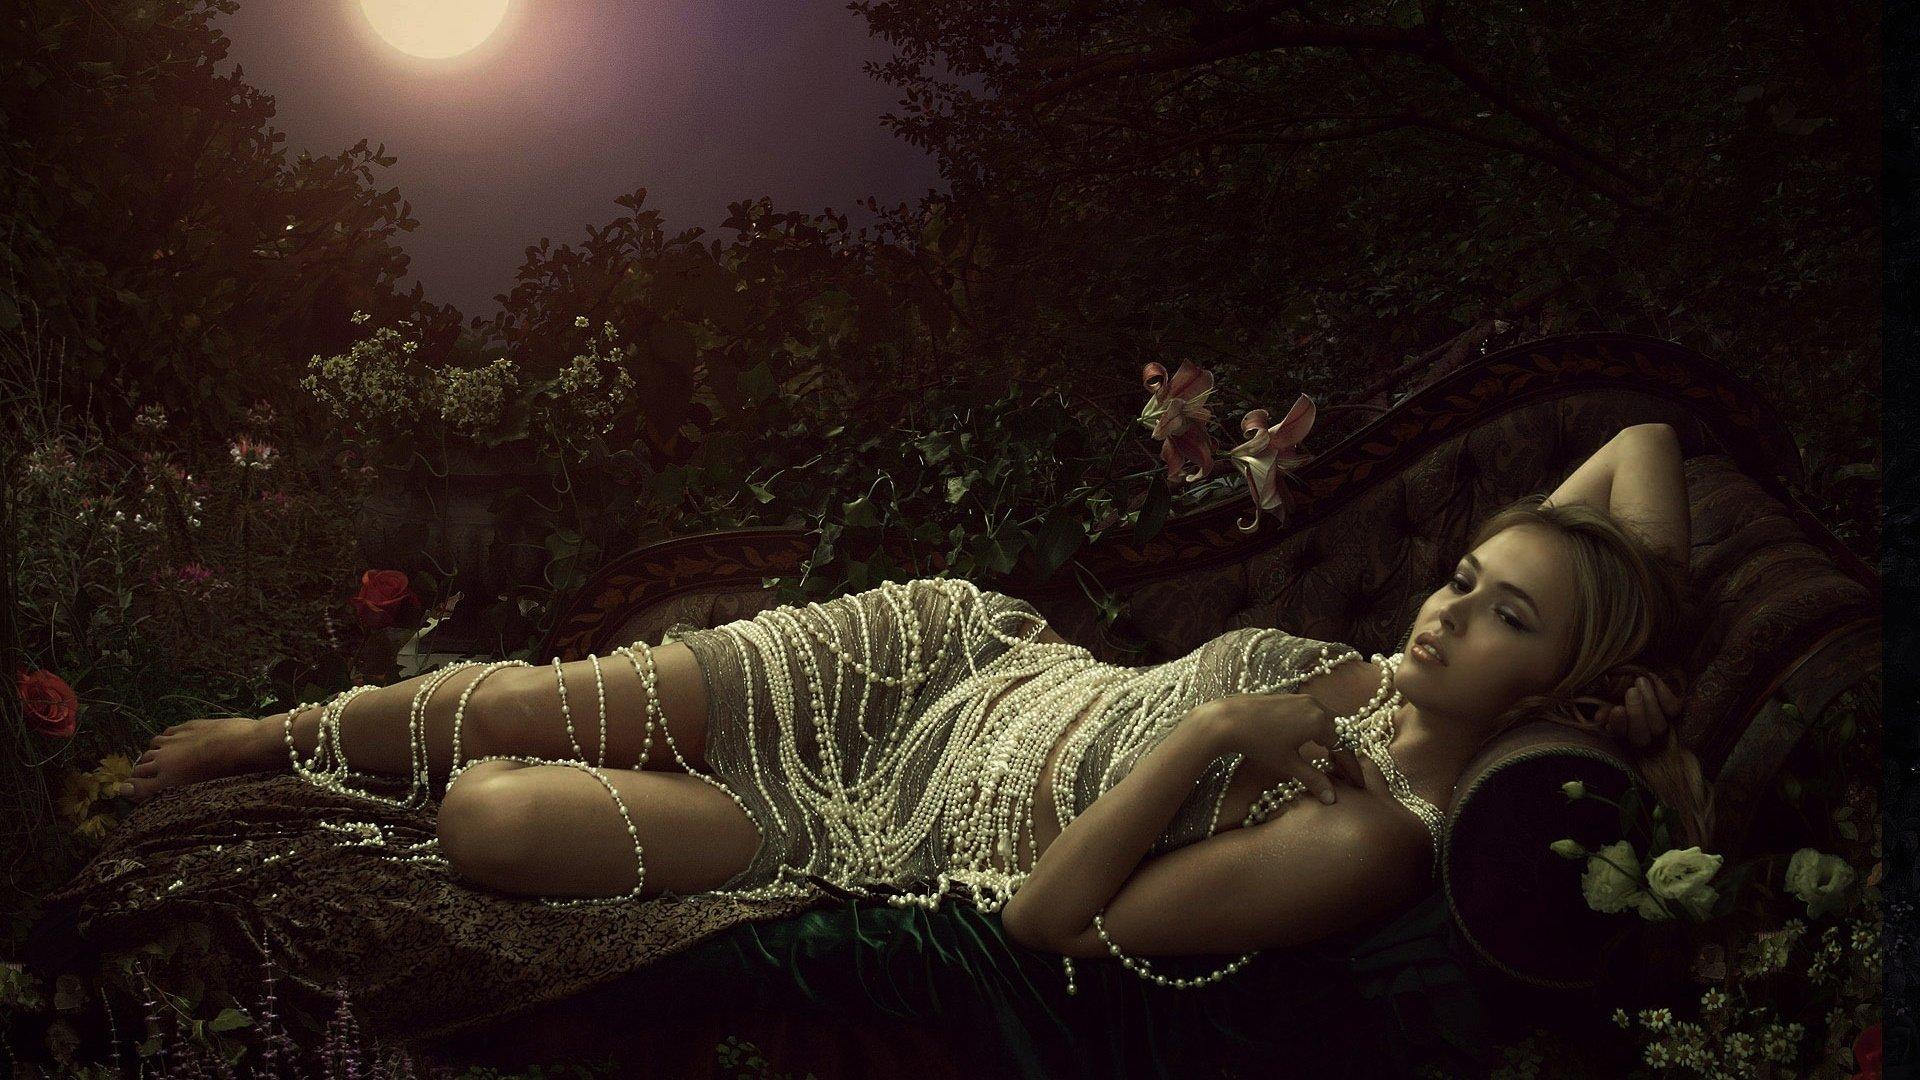 Fantasy - Women  Flower Pearl Woman Fantasy Lying Down Wallpaper